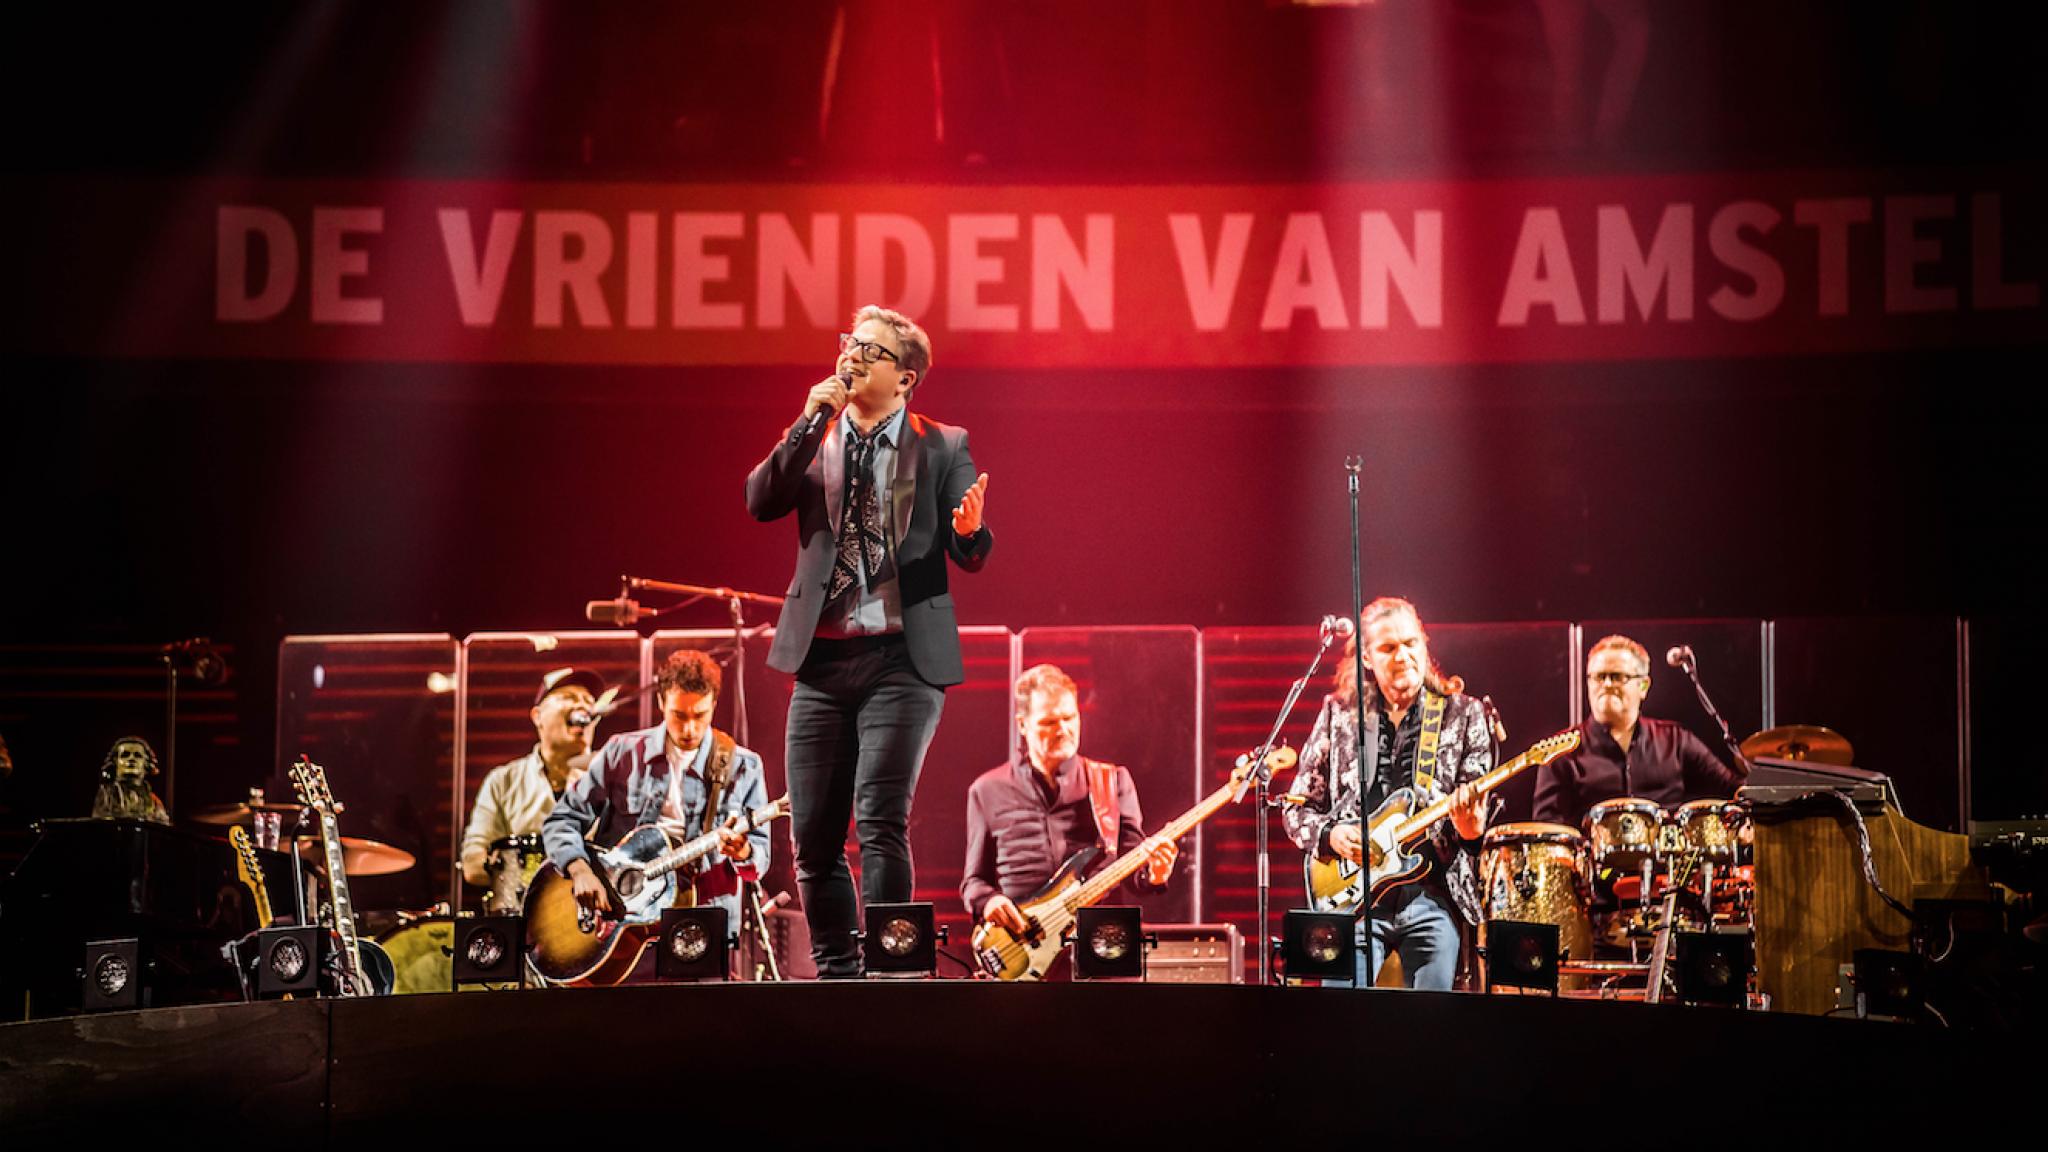 Duncan Guus En Andre Treden Op Tijdens Vrienden Van Amstel Live Rtl Boulevard